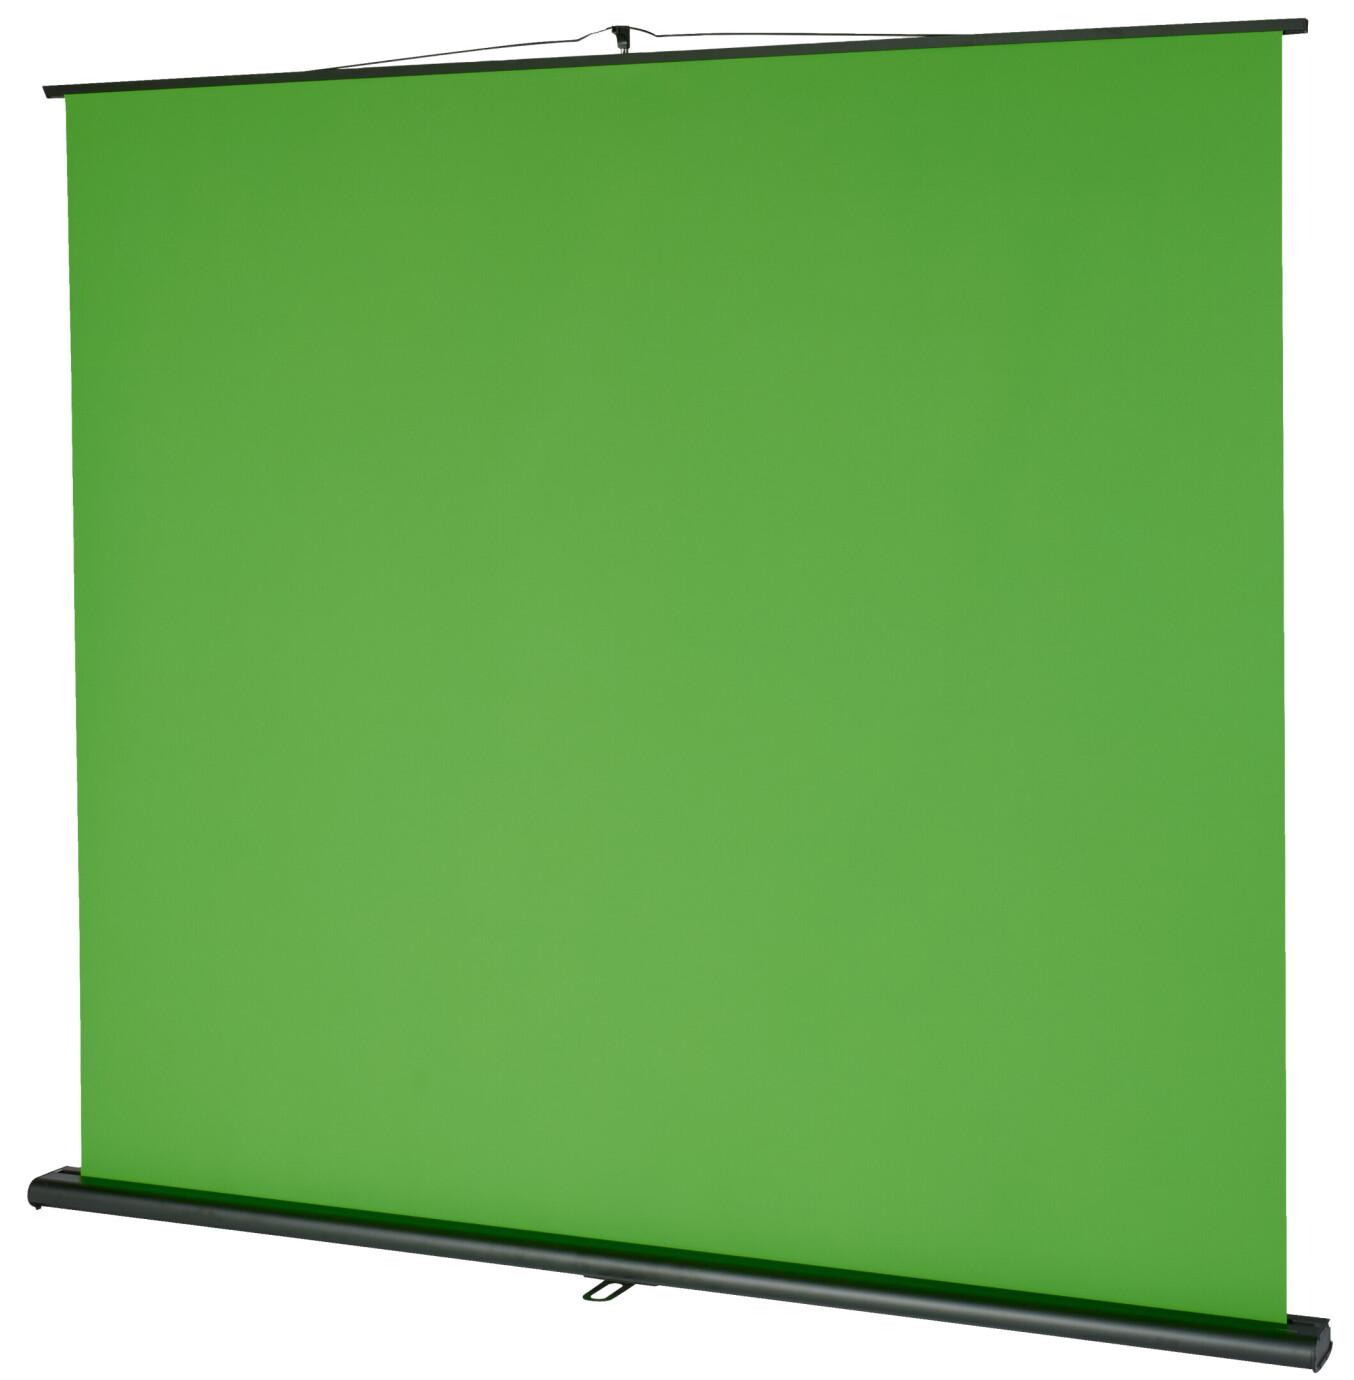 celexon Mobile Lite Chroma Key Green Screen